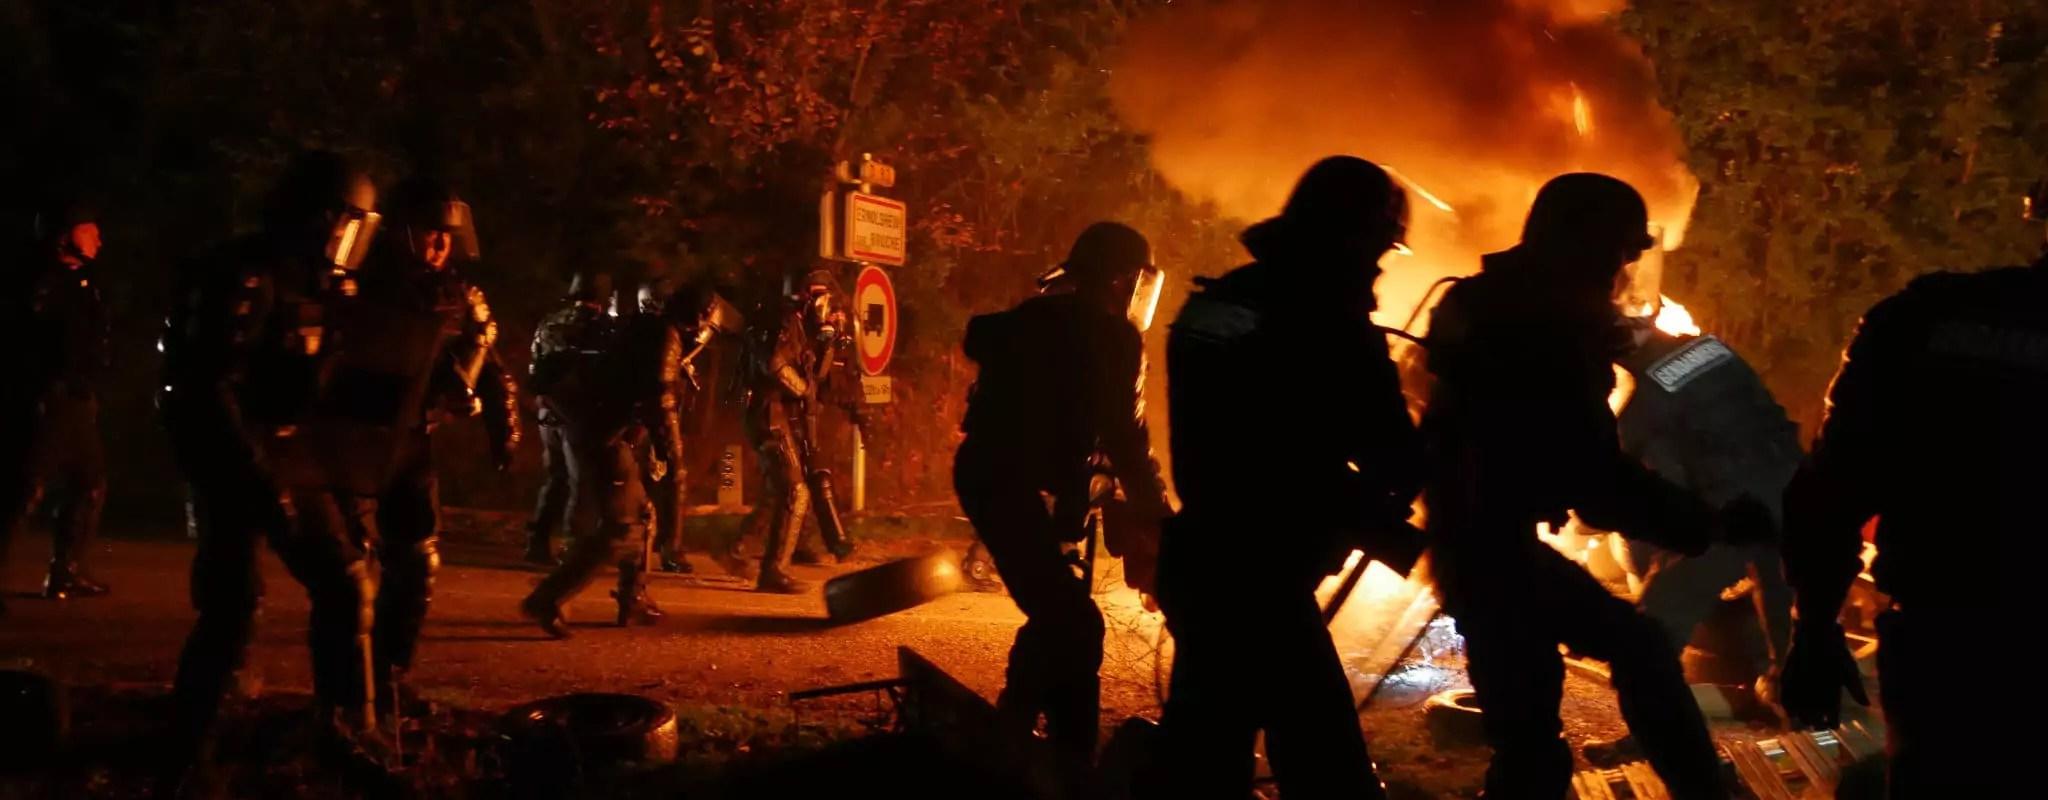 En une nuit, de l'espoir aux larmes pour les opposants au GCO